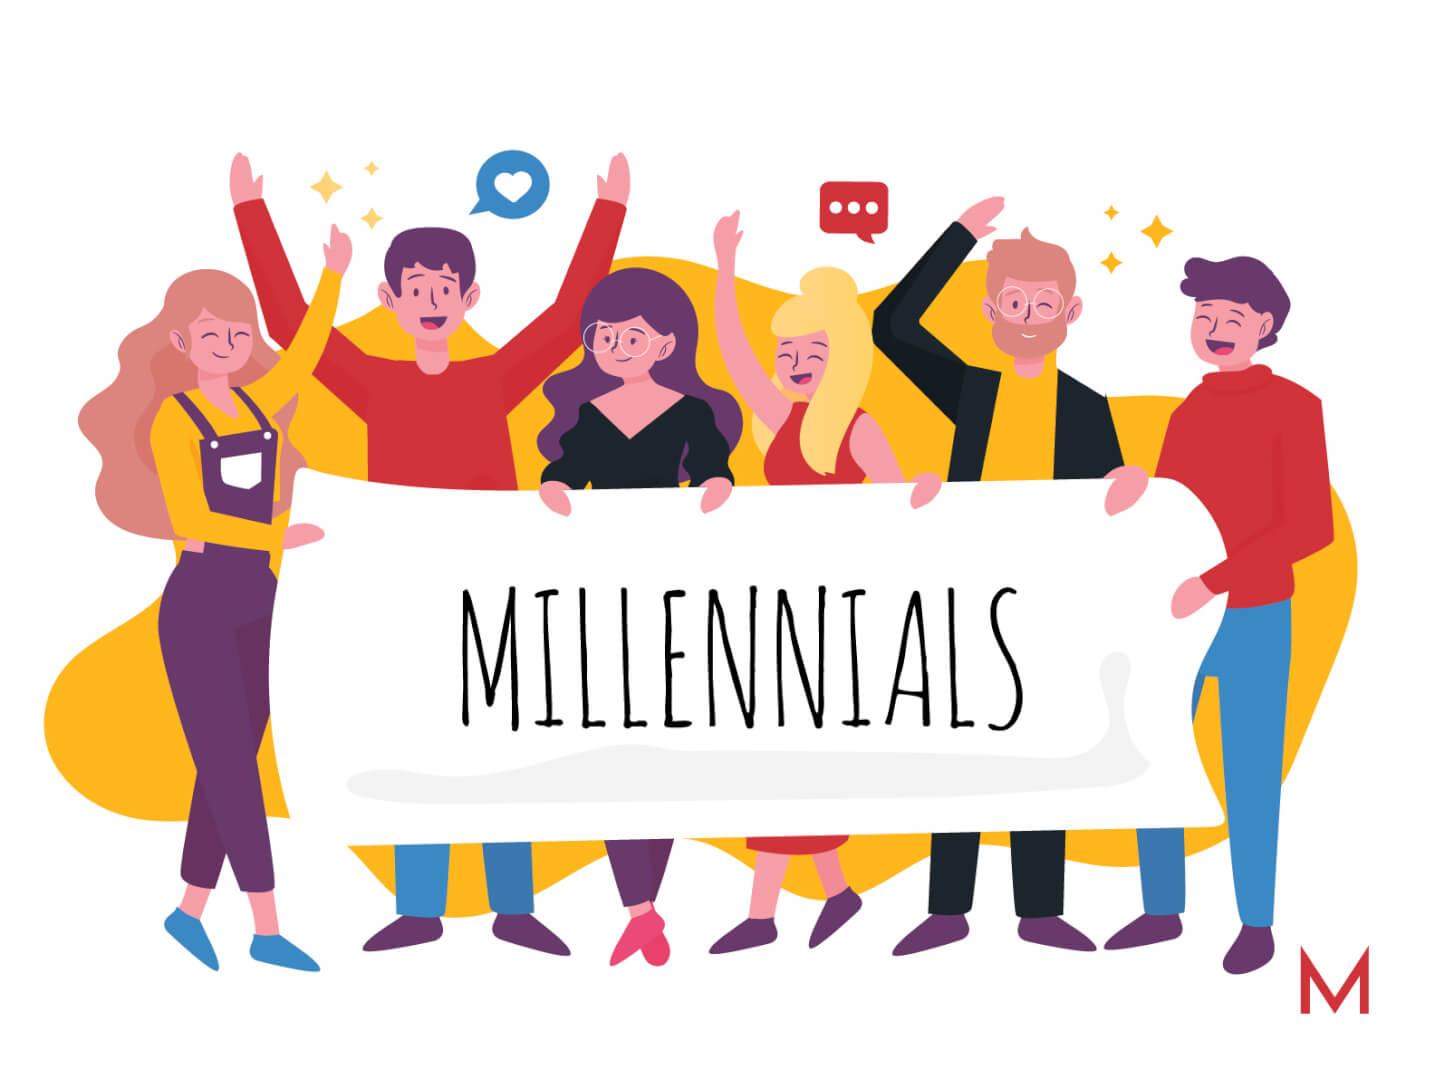 Publicidad para millennials